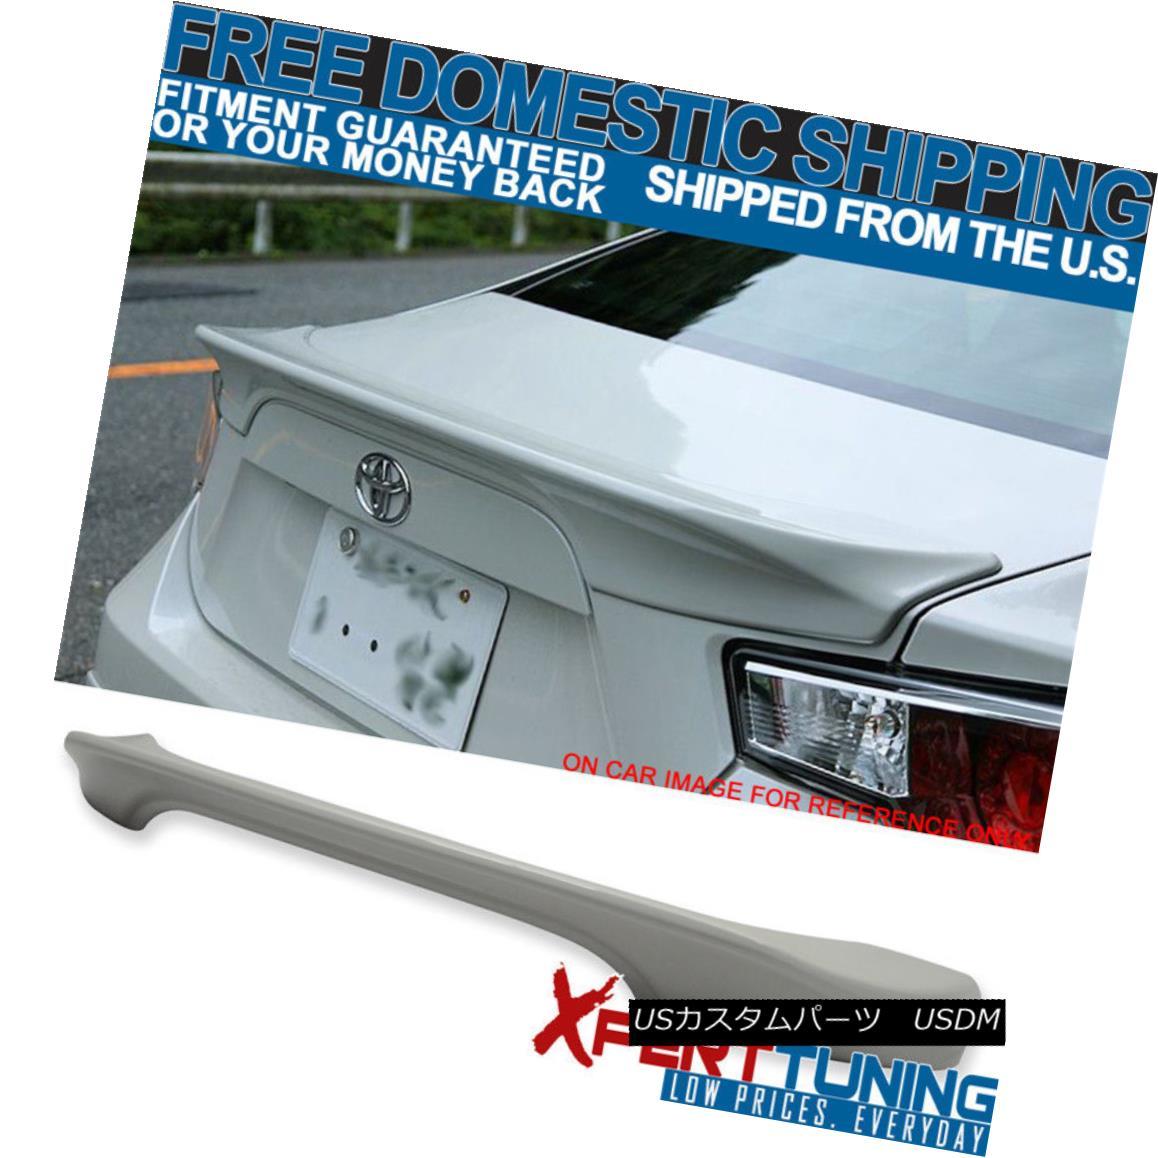 エアロパーツ For Subaru BRZ 15-17 TR Trunk Spoiler Wing Painted Crystal White Pearl #K1X スバルBRZ 15-17 TRトランク・スポイラー・ウイング・クリスタル・ホワイト・パール#K1X